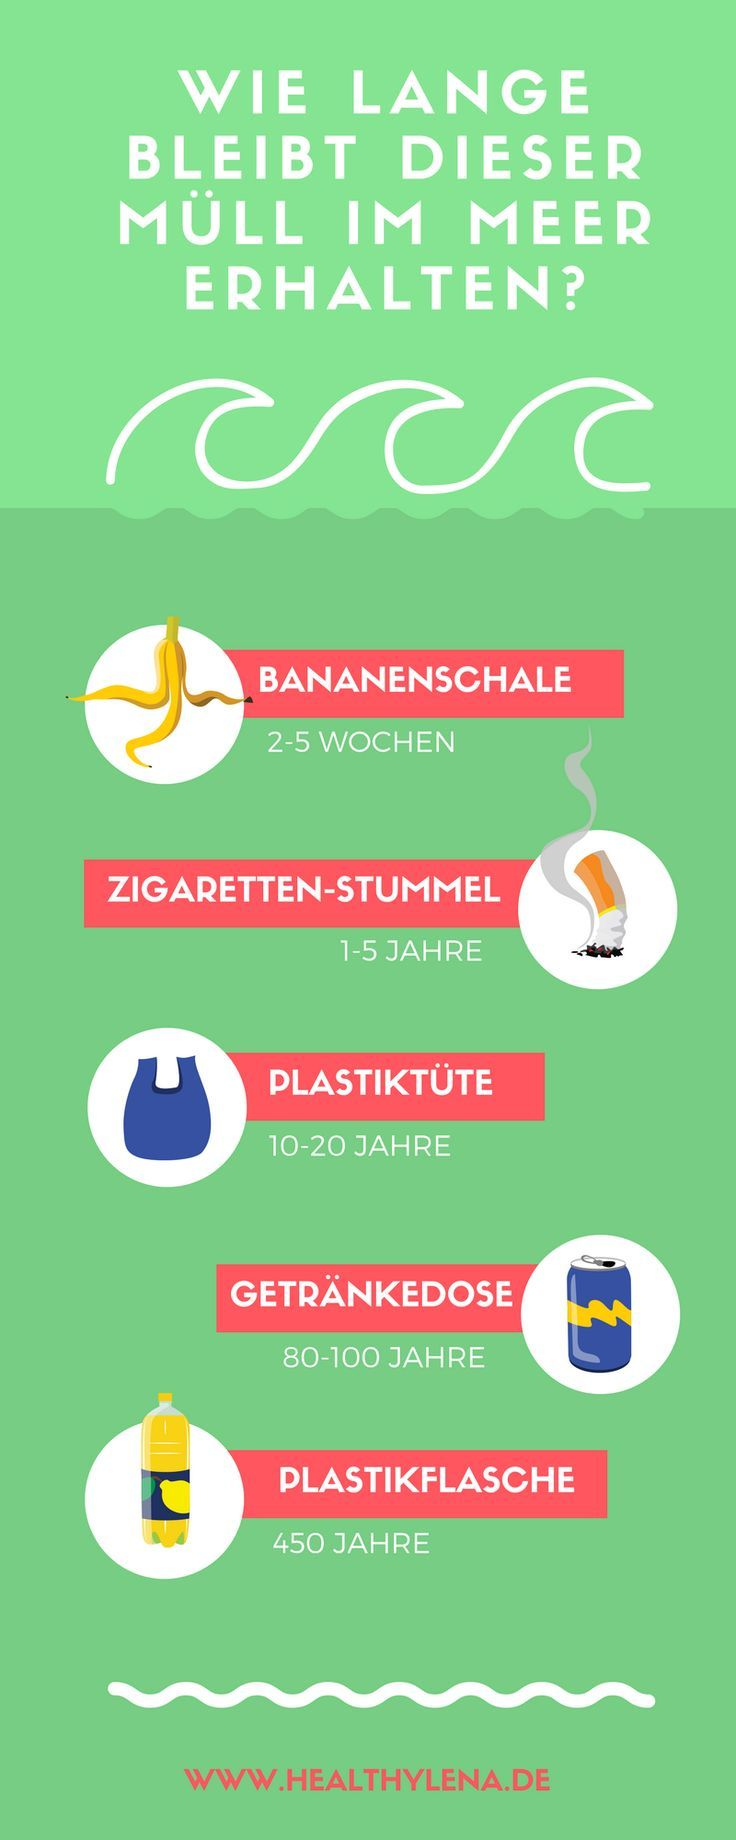 Wusstest du, dass in Deutschland jede Minute etwa eine Tonne Plastik ins Meer gelangt? Deutschland ist tatsächlich der größte Plastikproduzent Europas! Hier erfährst du, wie lange Müll durchschnittlich im Meer bleibt. Außerdem zeige ich dir hilfreiche Tipps, wie du Plastik vermeiden kannst: mehr Nachhaltigkeit!